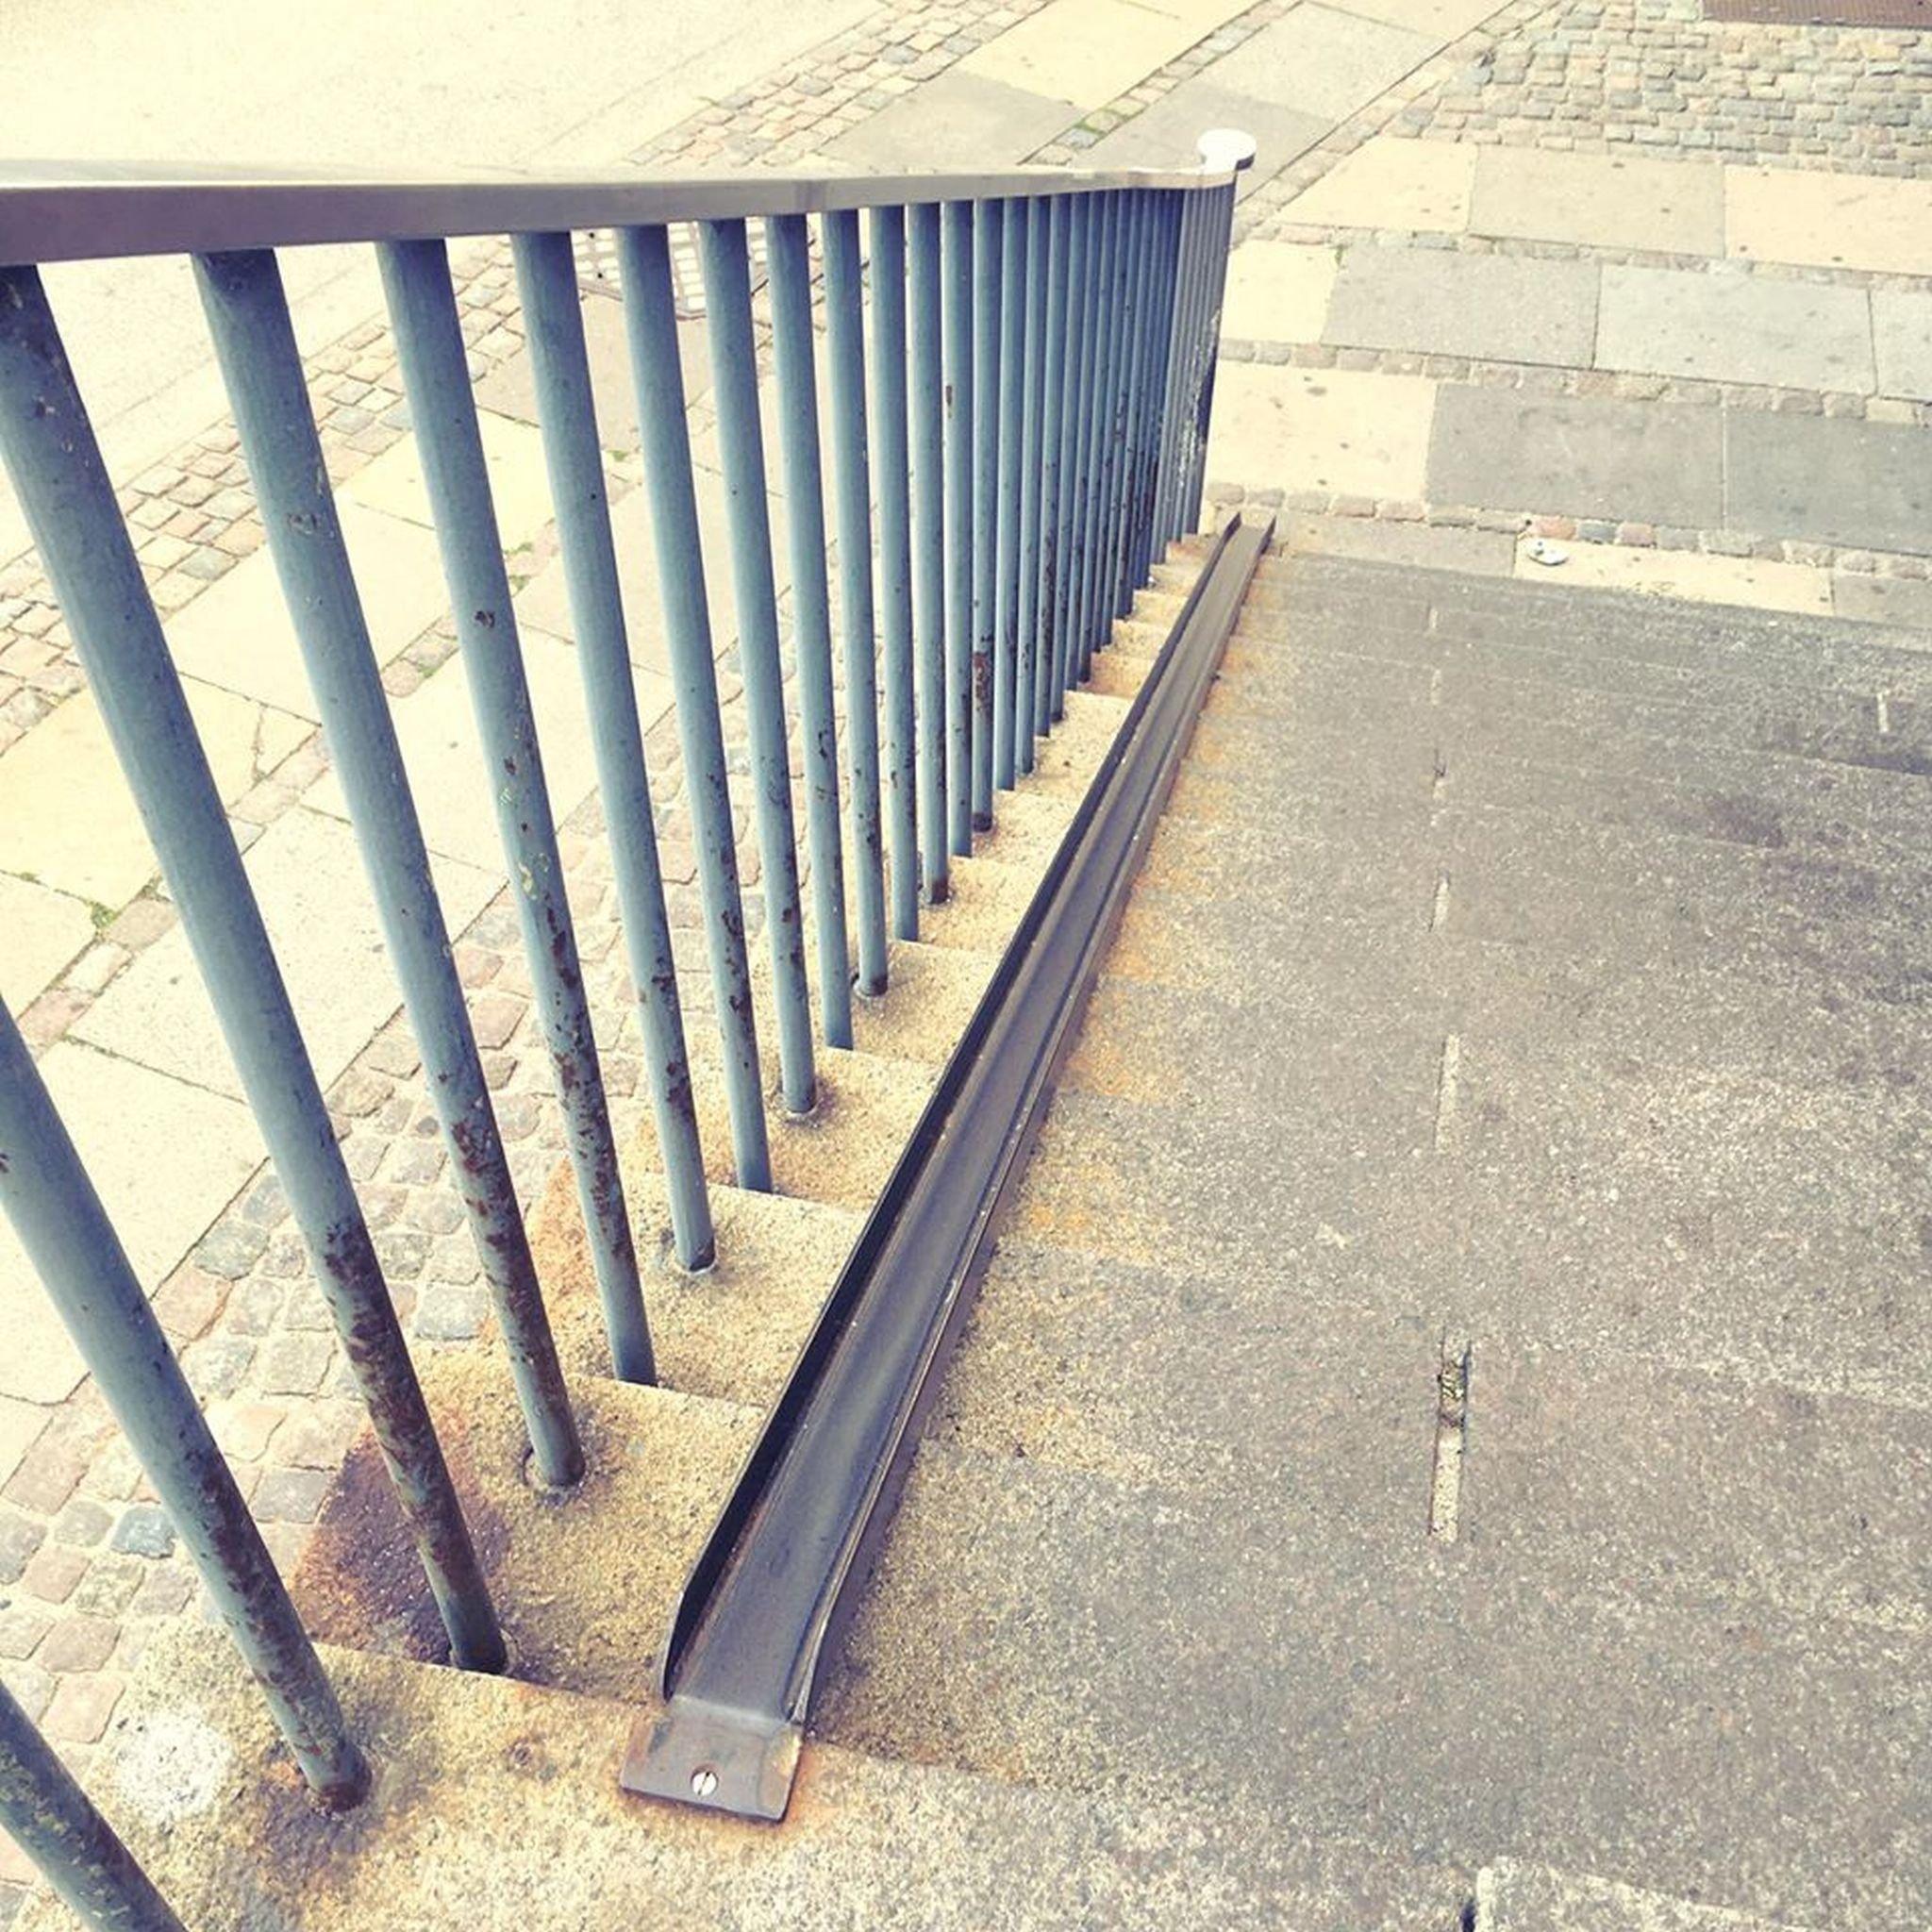 Das Bild zeigt eine Treppe, bei der ein Rad über eine spezielle Rinnen einfach die Treppen hinunter und hoch befördert werden kann. Man muss das Rad also nicht tragen.